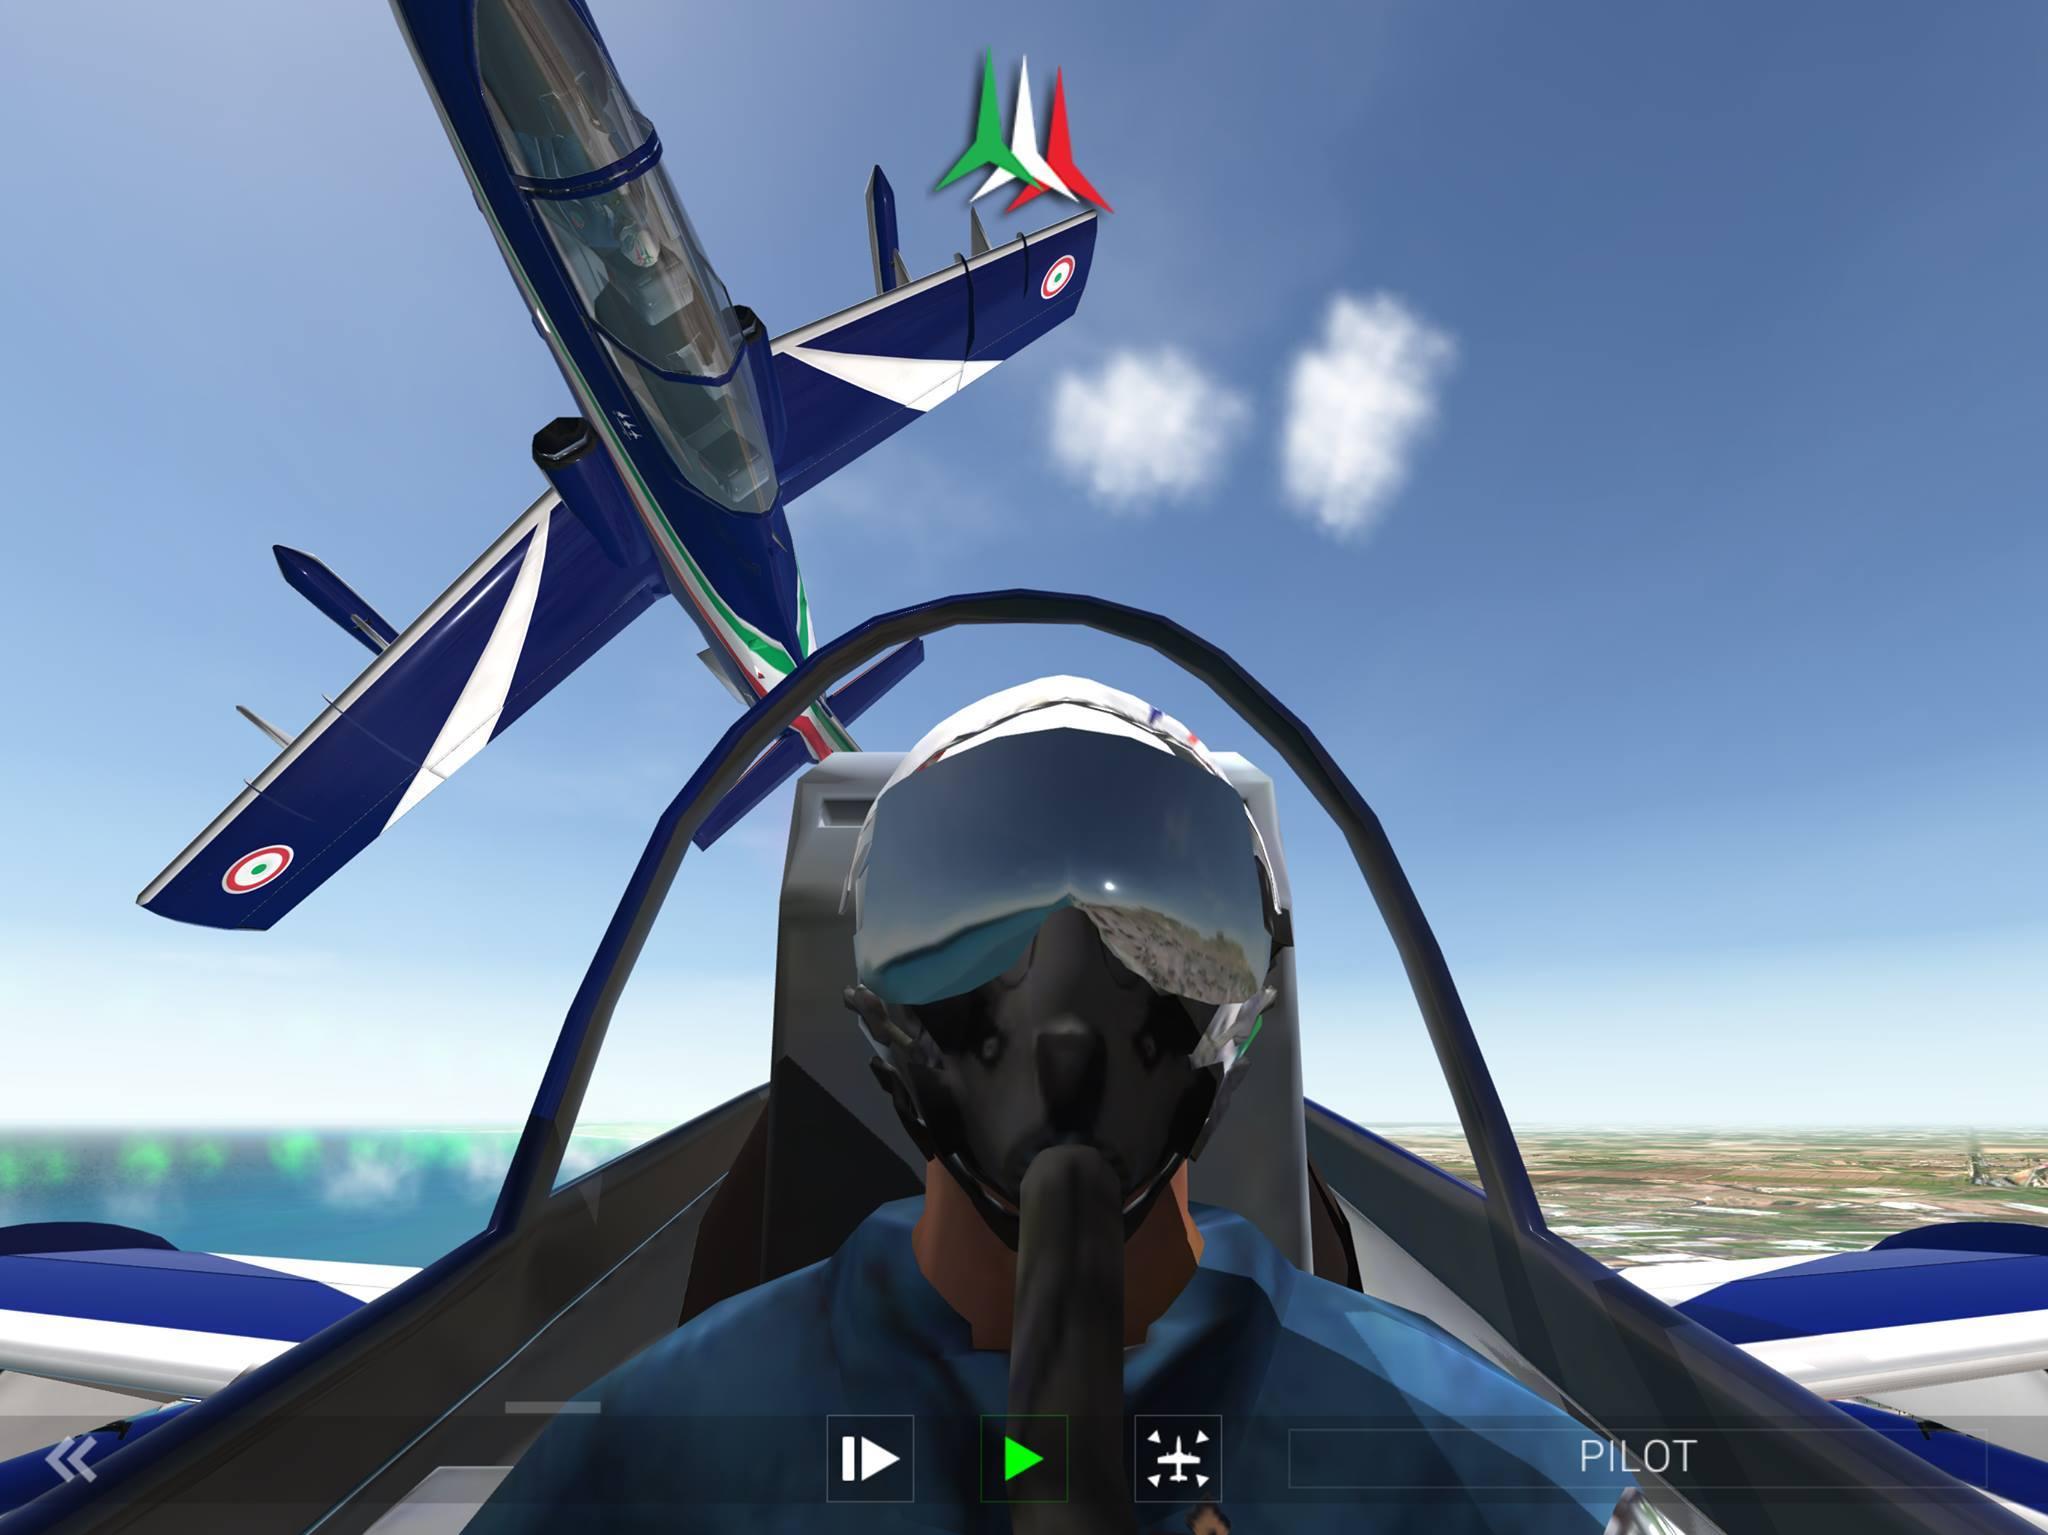 RORTOS, studio di sviluppo italiano, lancia Frecce Tricolori Flight Simulator